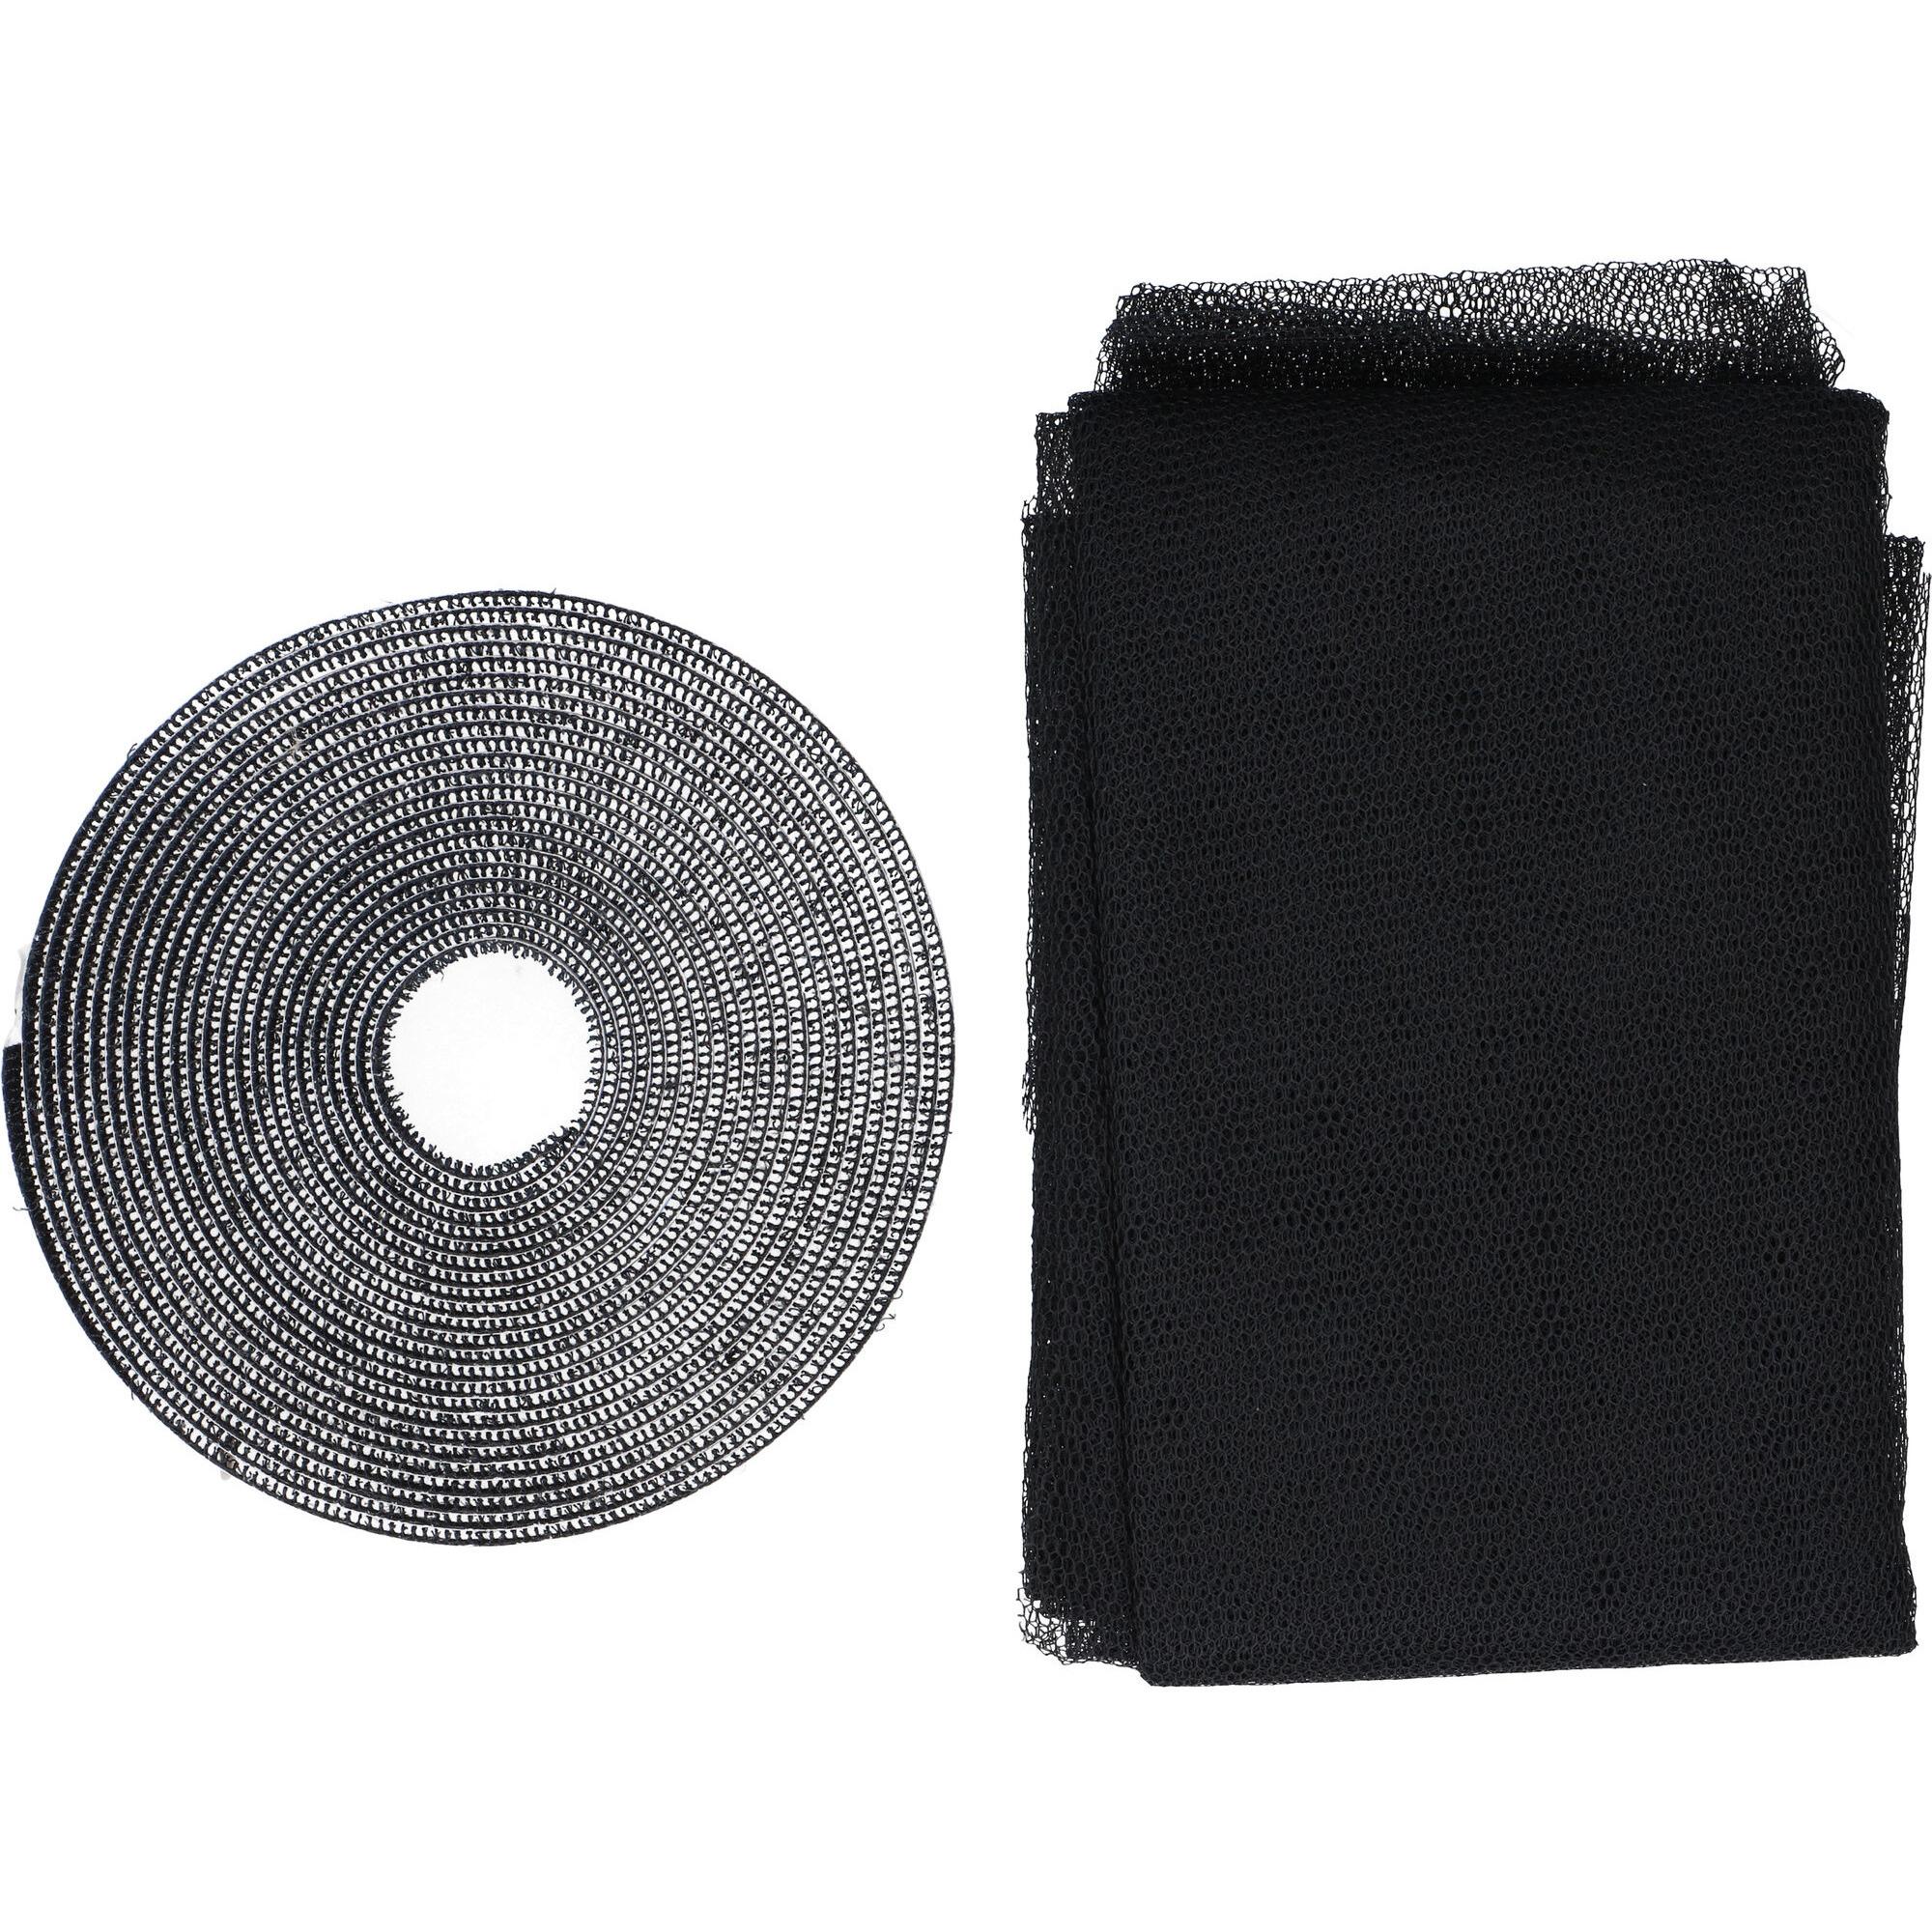 5x Opzet hor zwart 150 x 130 cm